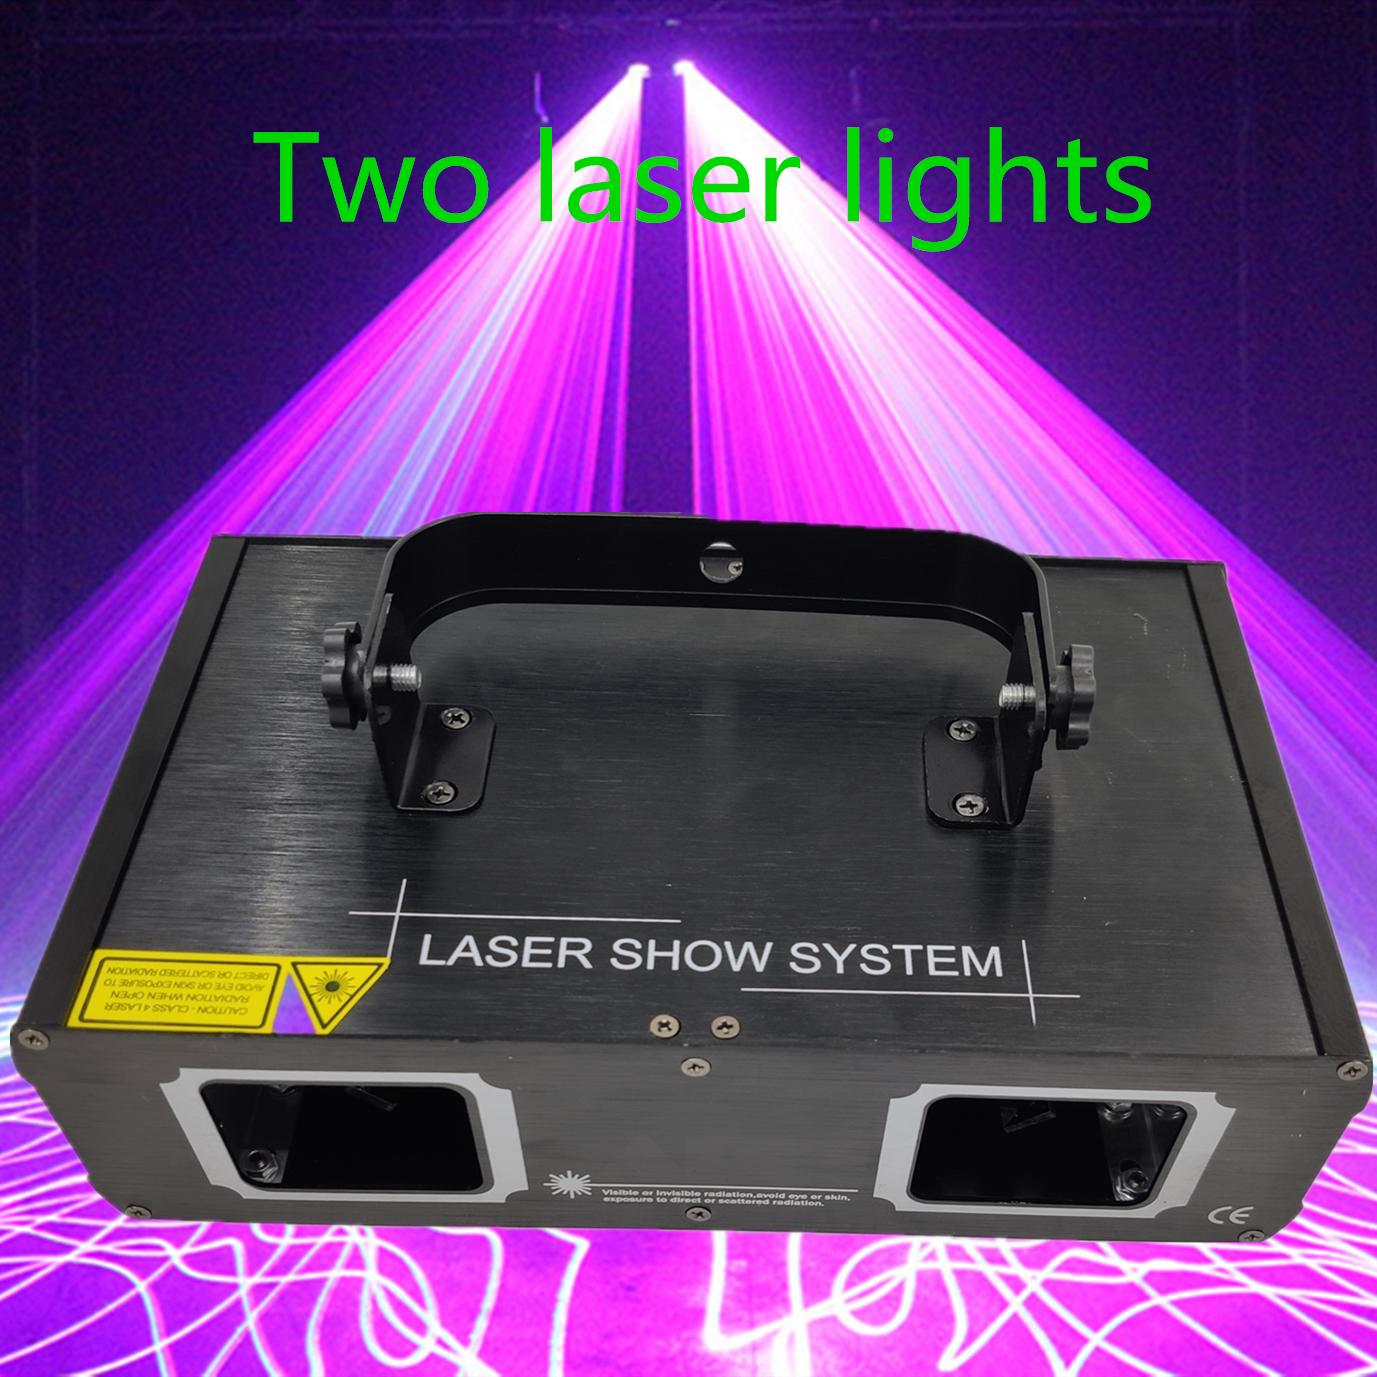 Factory Outlet lampa laserowa 2 głowy Laser podwójny otwór efekt sceniczny DMX512 oświetlenie dla DJ dyskoteka KTV klub nocny i parkiet taneczny